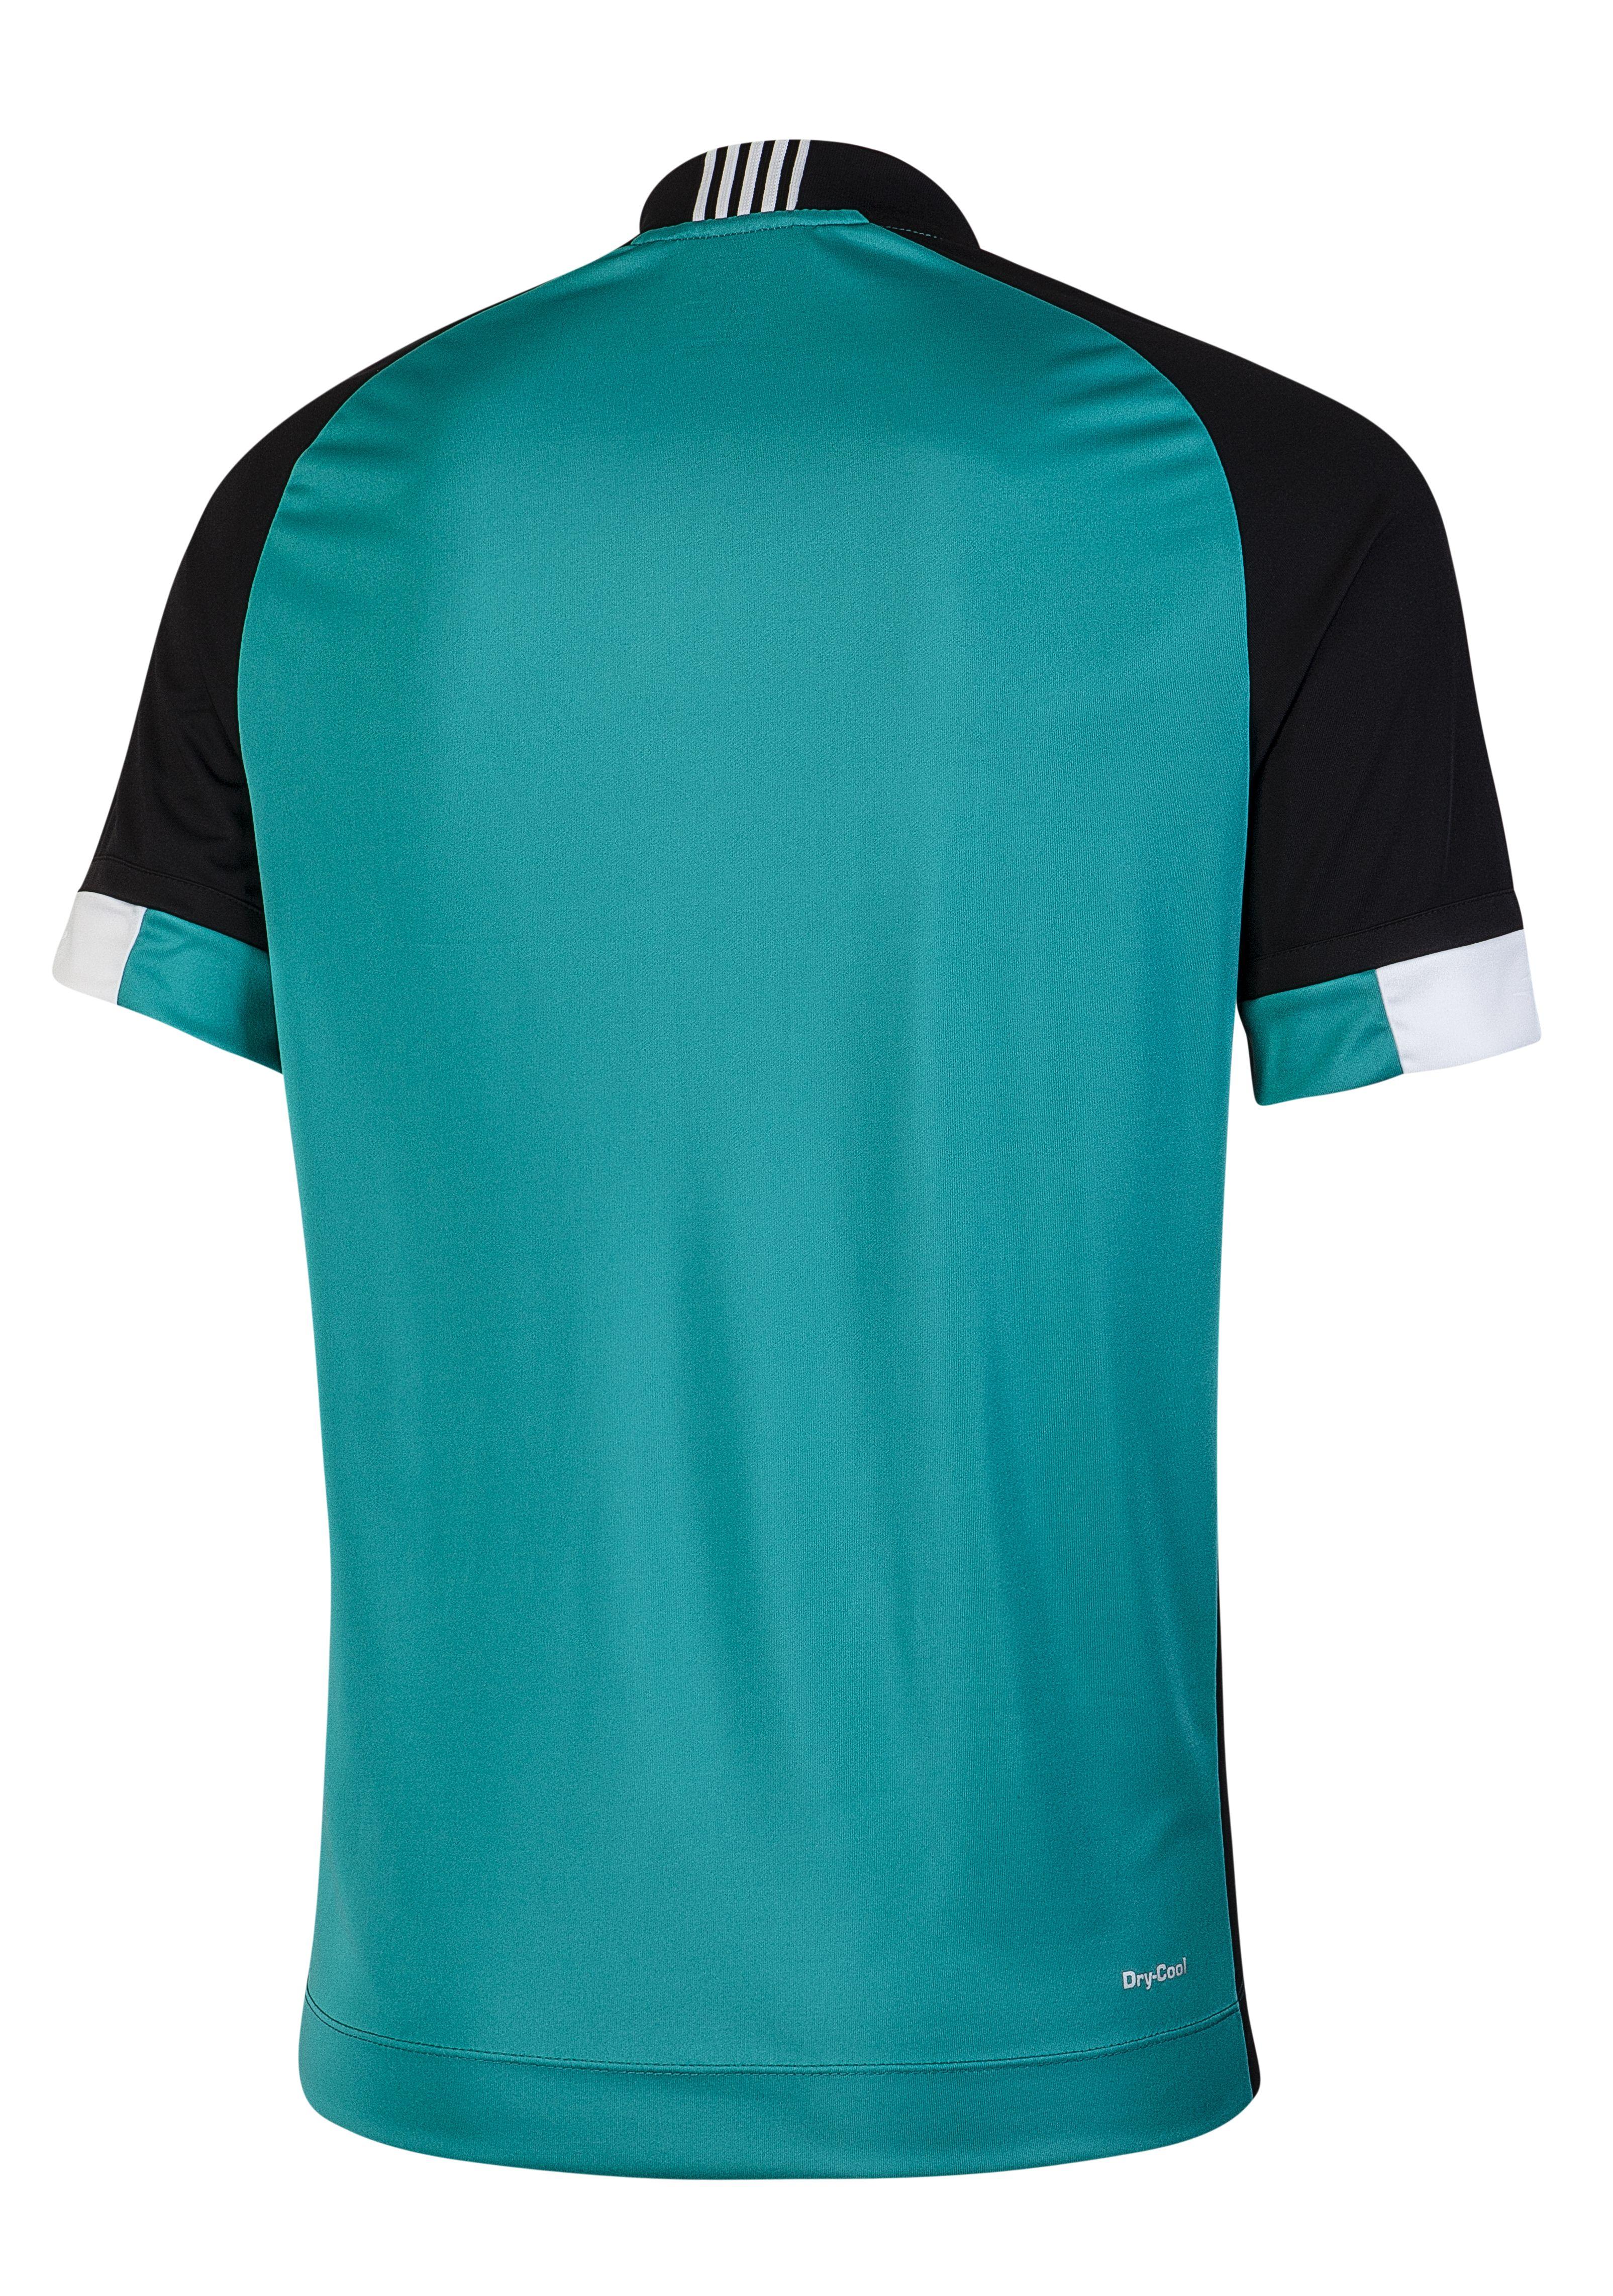 1841c4d1a75e7 Camisa para goleiro - jade com preto Camisa Botafogo